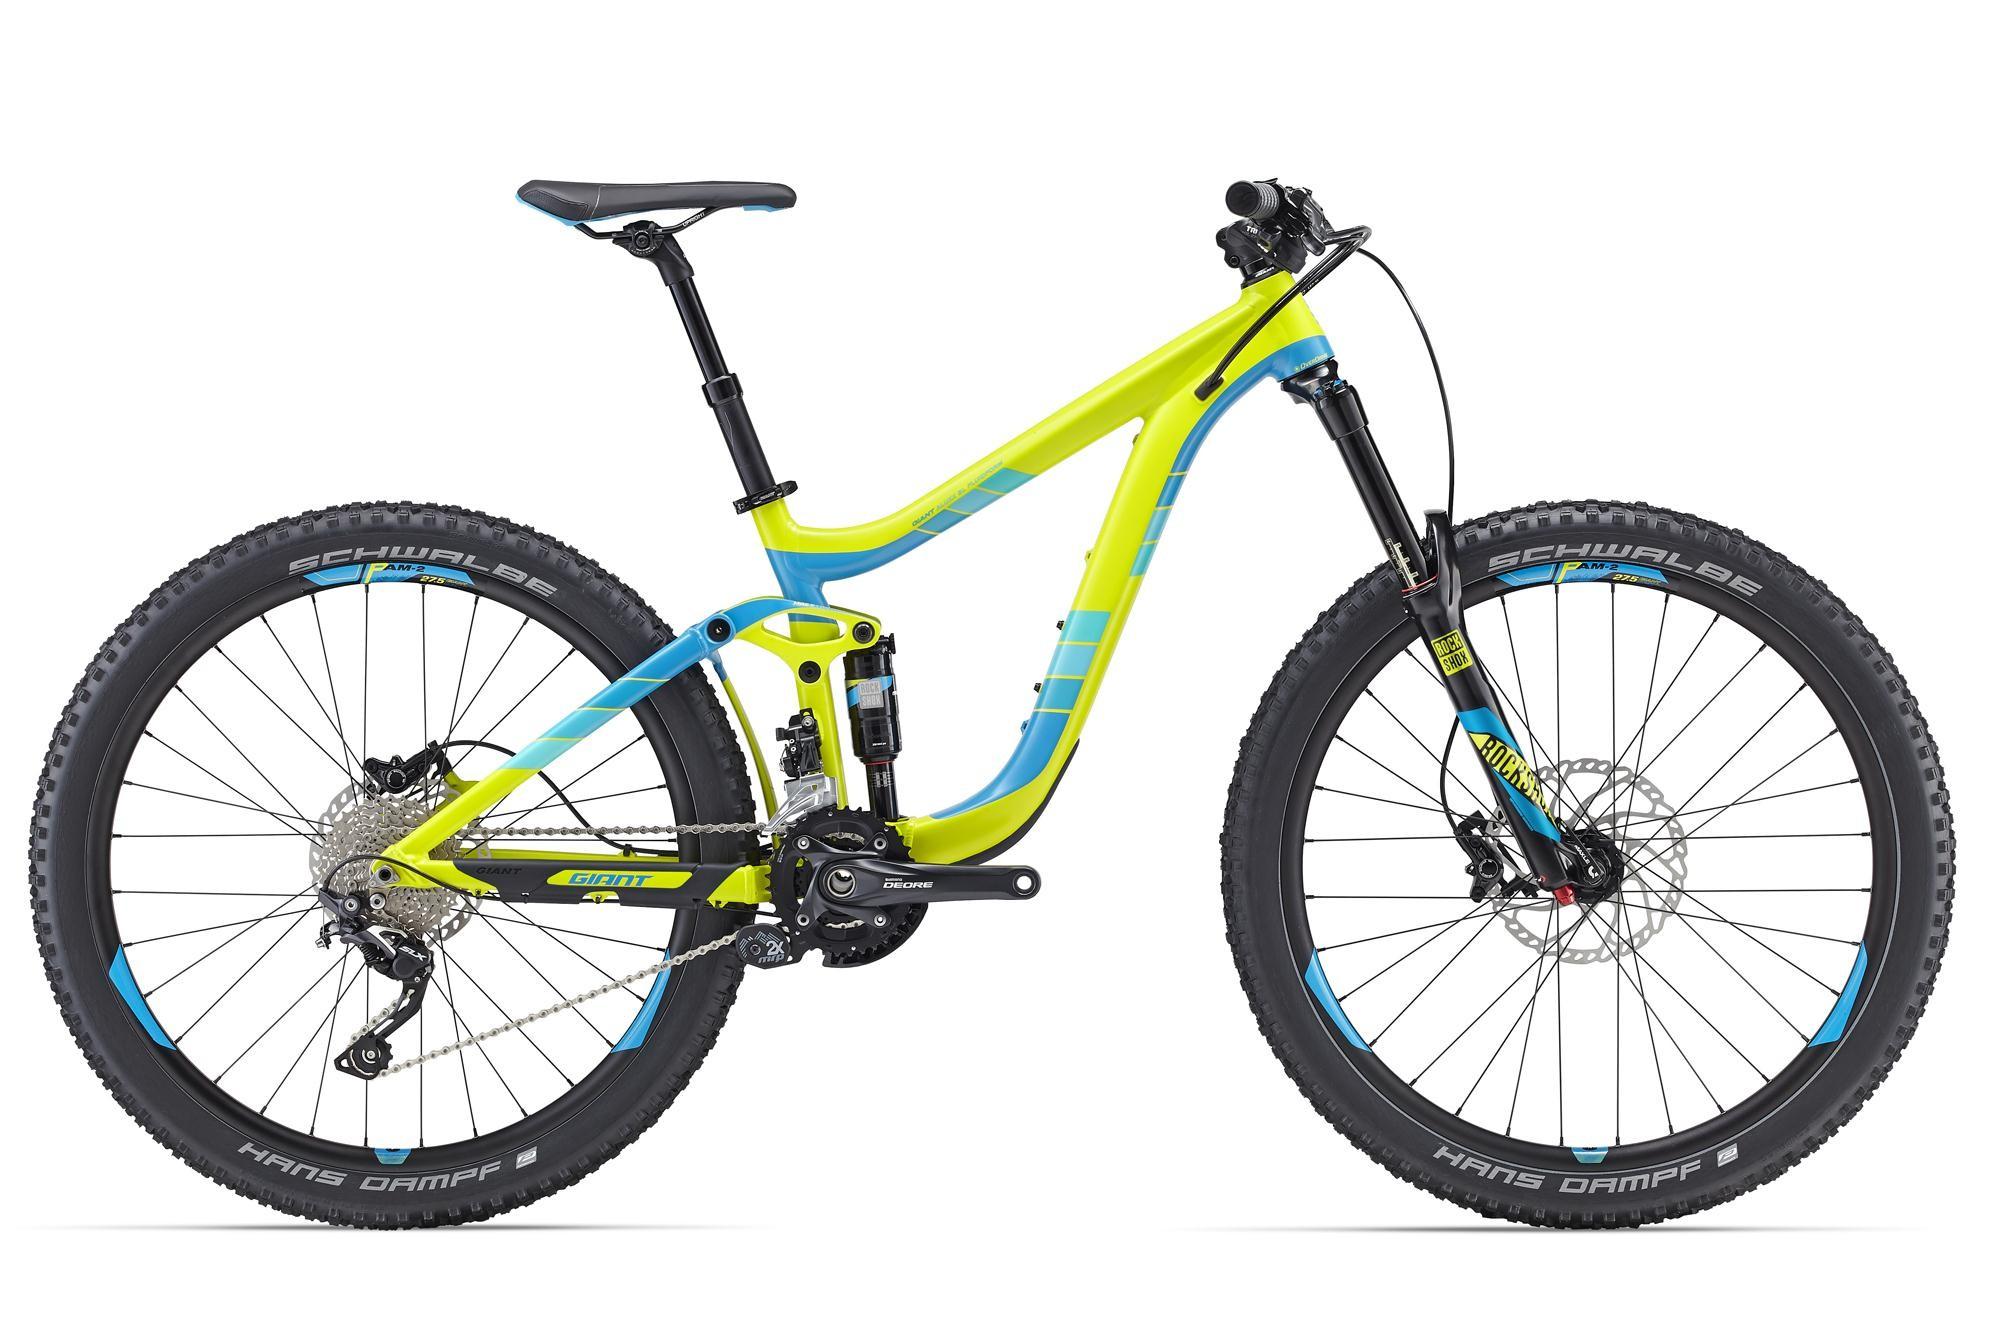 Купить Велосипед Giant Reign 27.5 2 2016 YELLOW/BLUE / Желтый Синий, Двухподвесы, 1262301